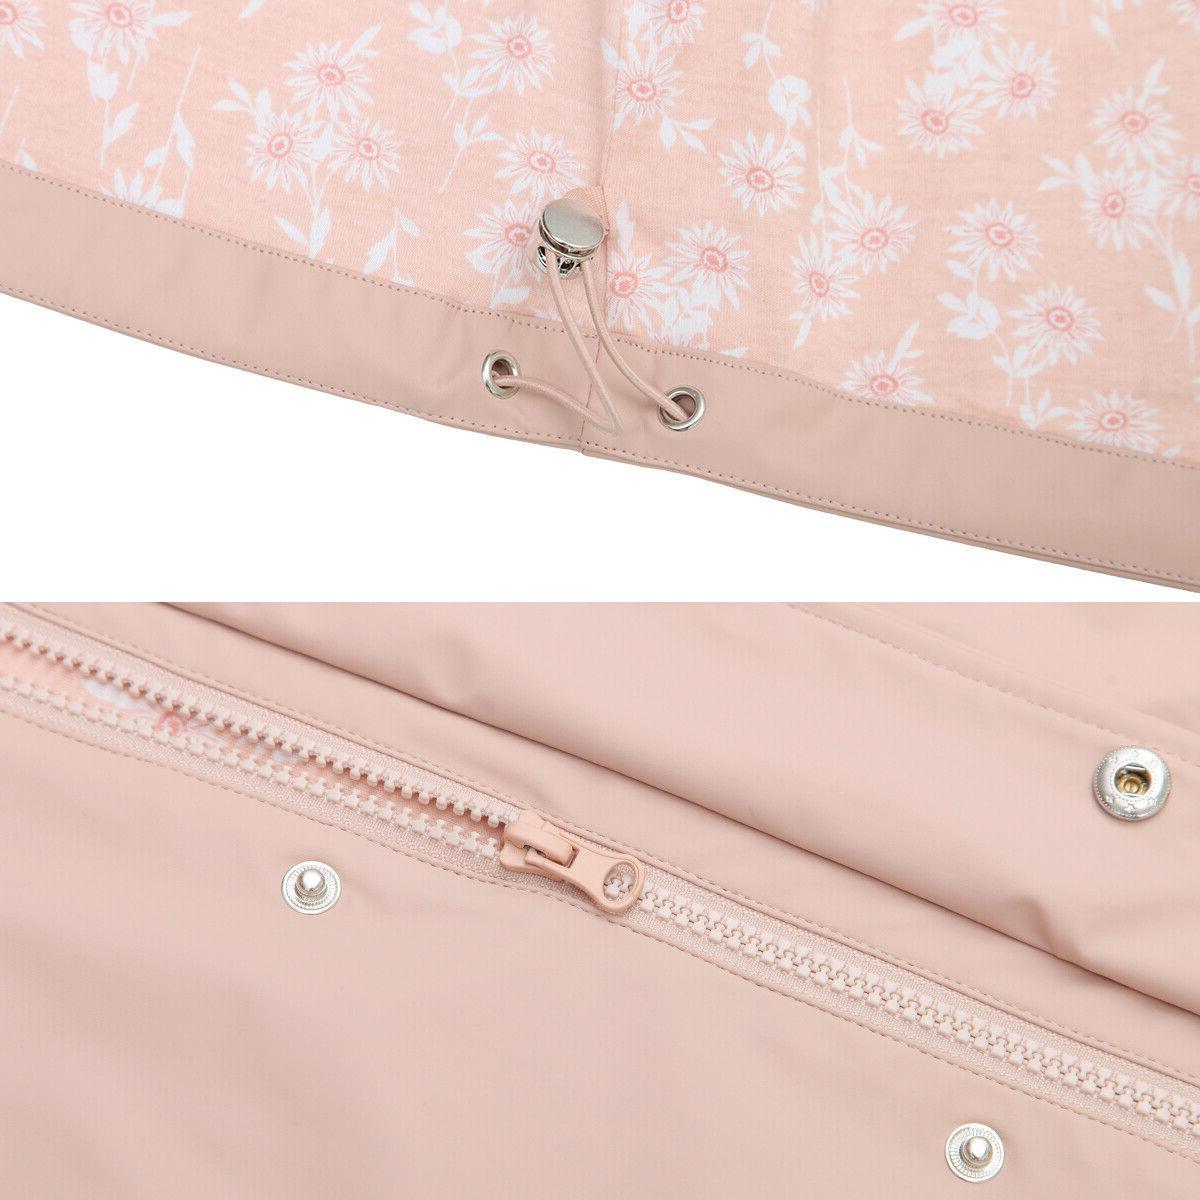 Women's Casual Hooded Rain Jacket Parka Outwear